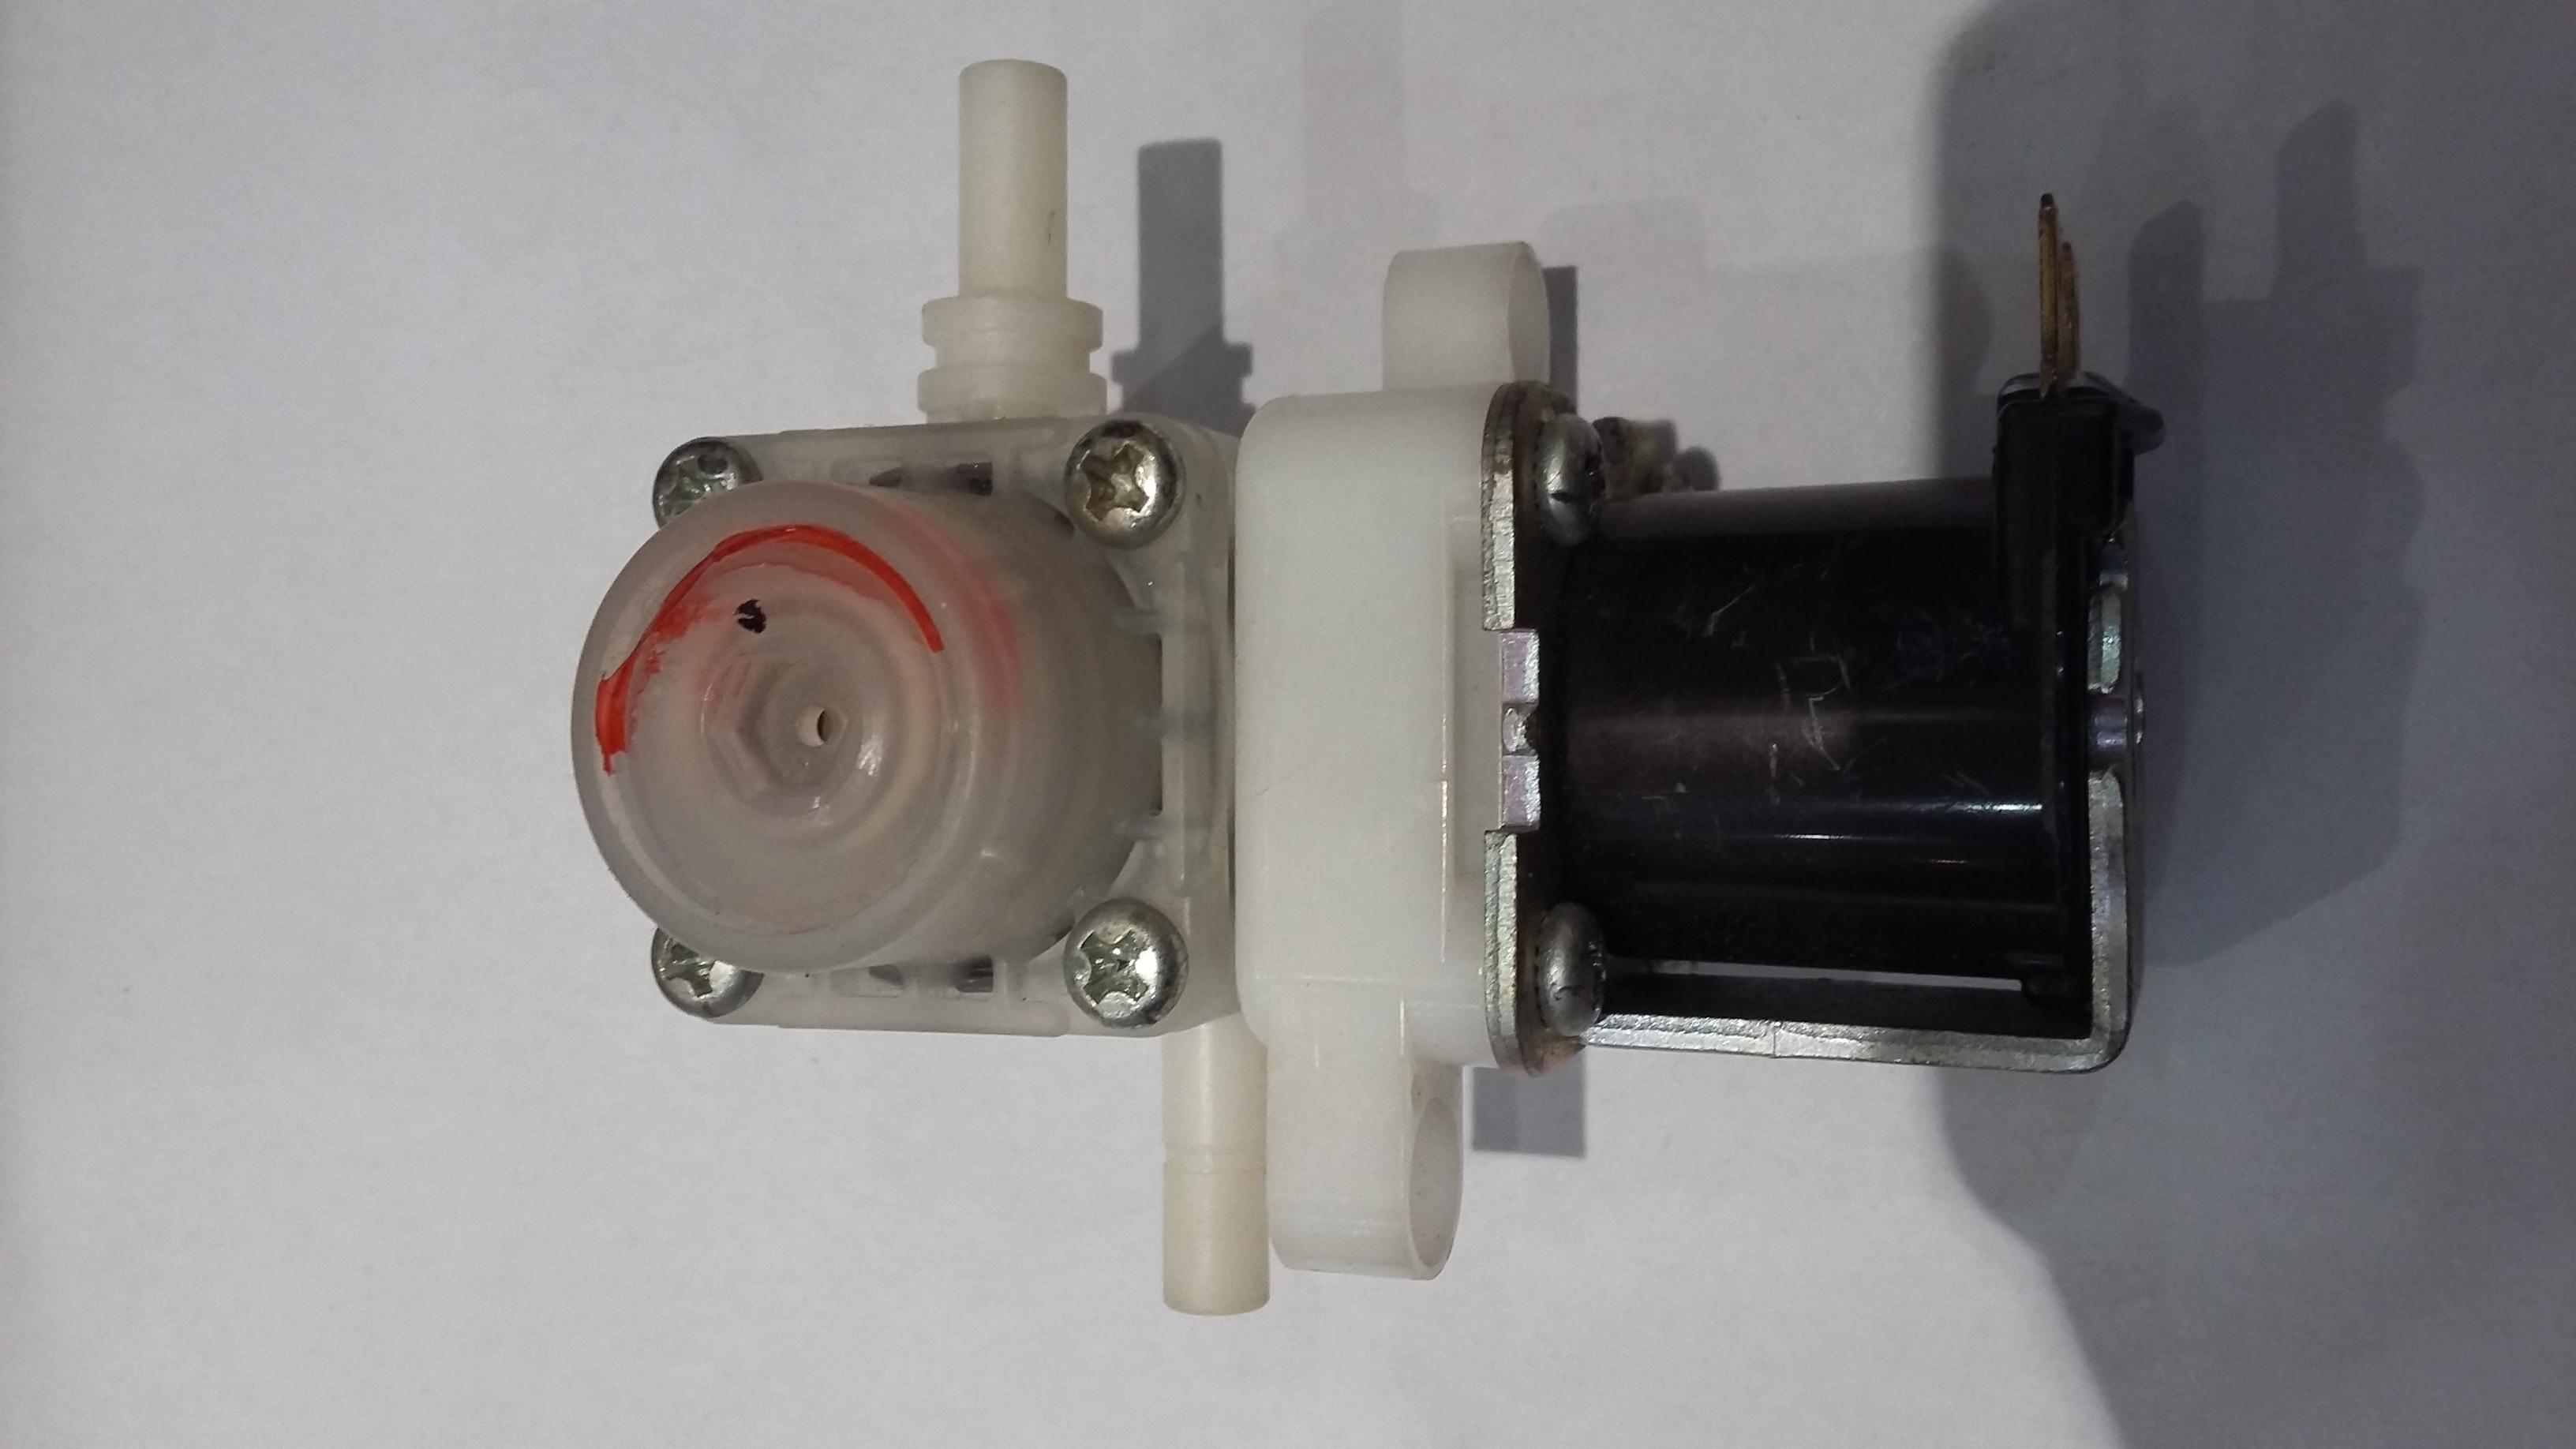 浪鲸卫浴智能虹吸式一体式座便器ico668电磁阀特价正品马桶包邮图片